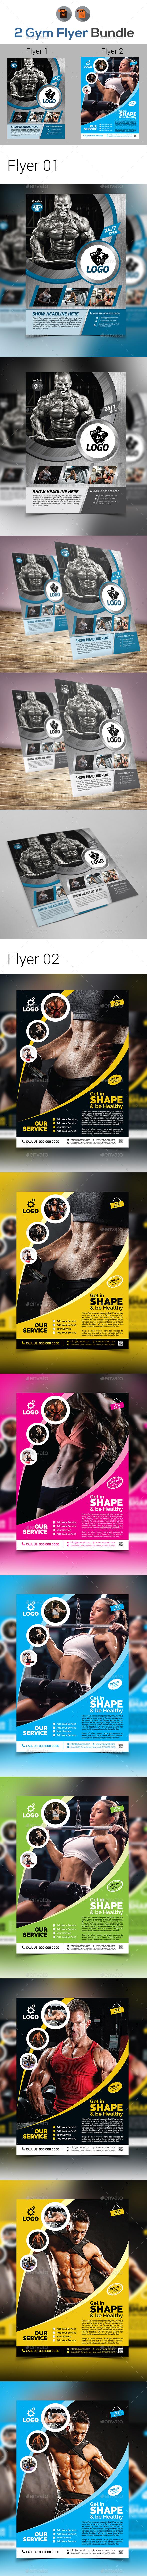 Gym / Fitness Flyer Bundle V2